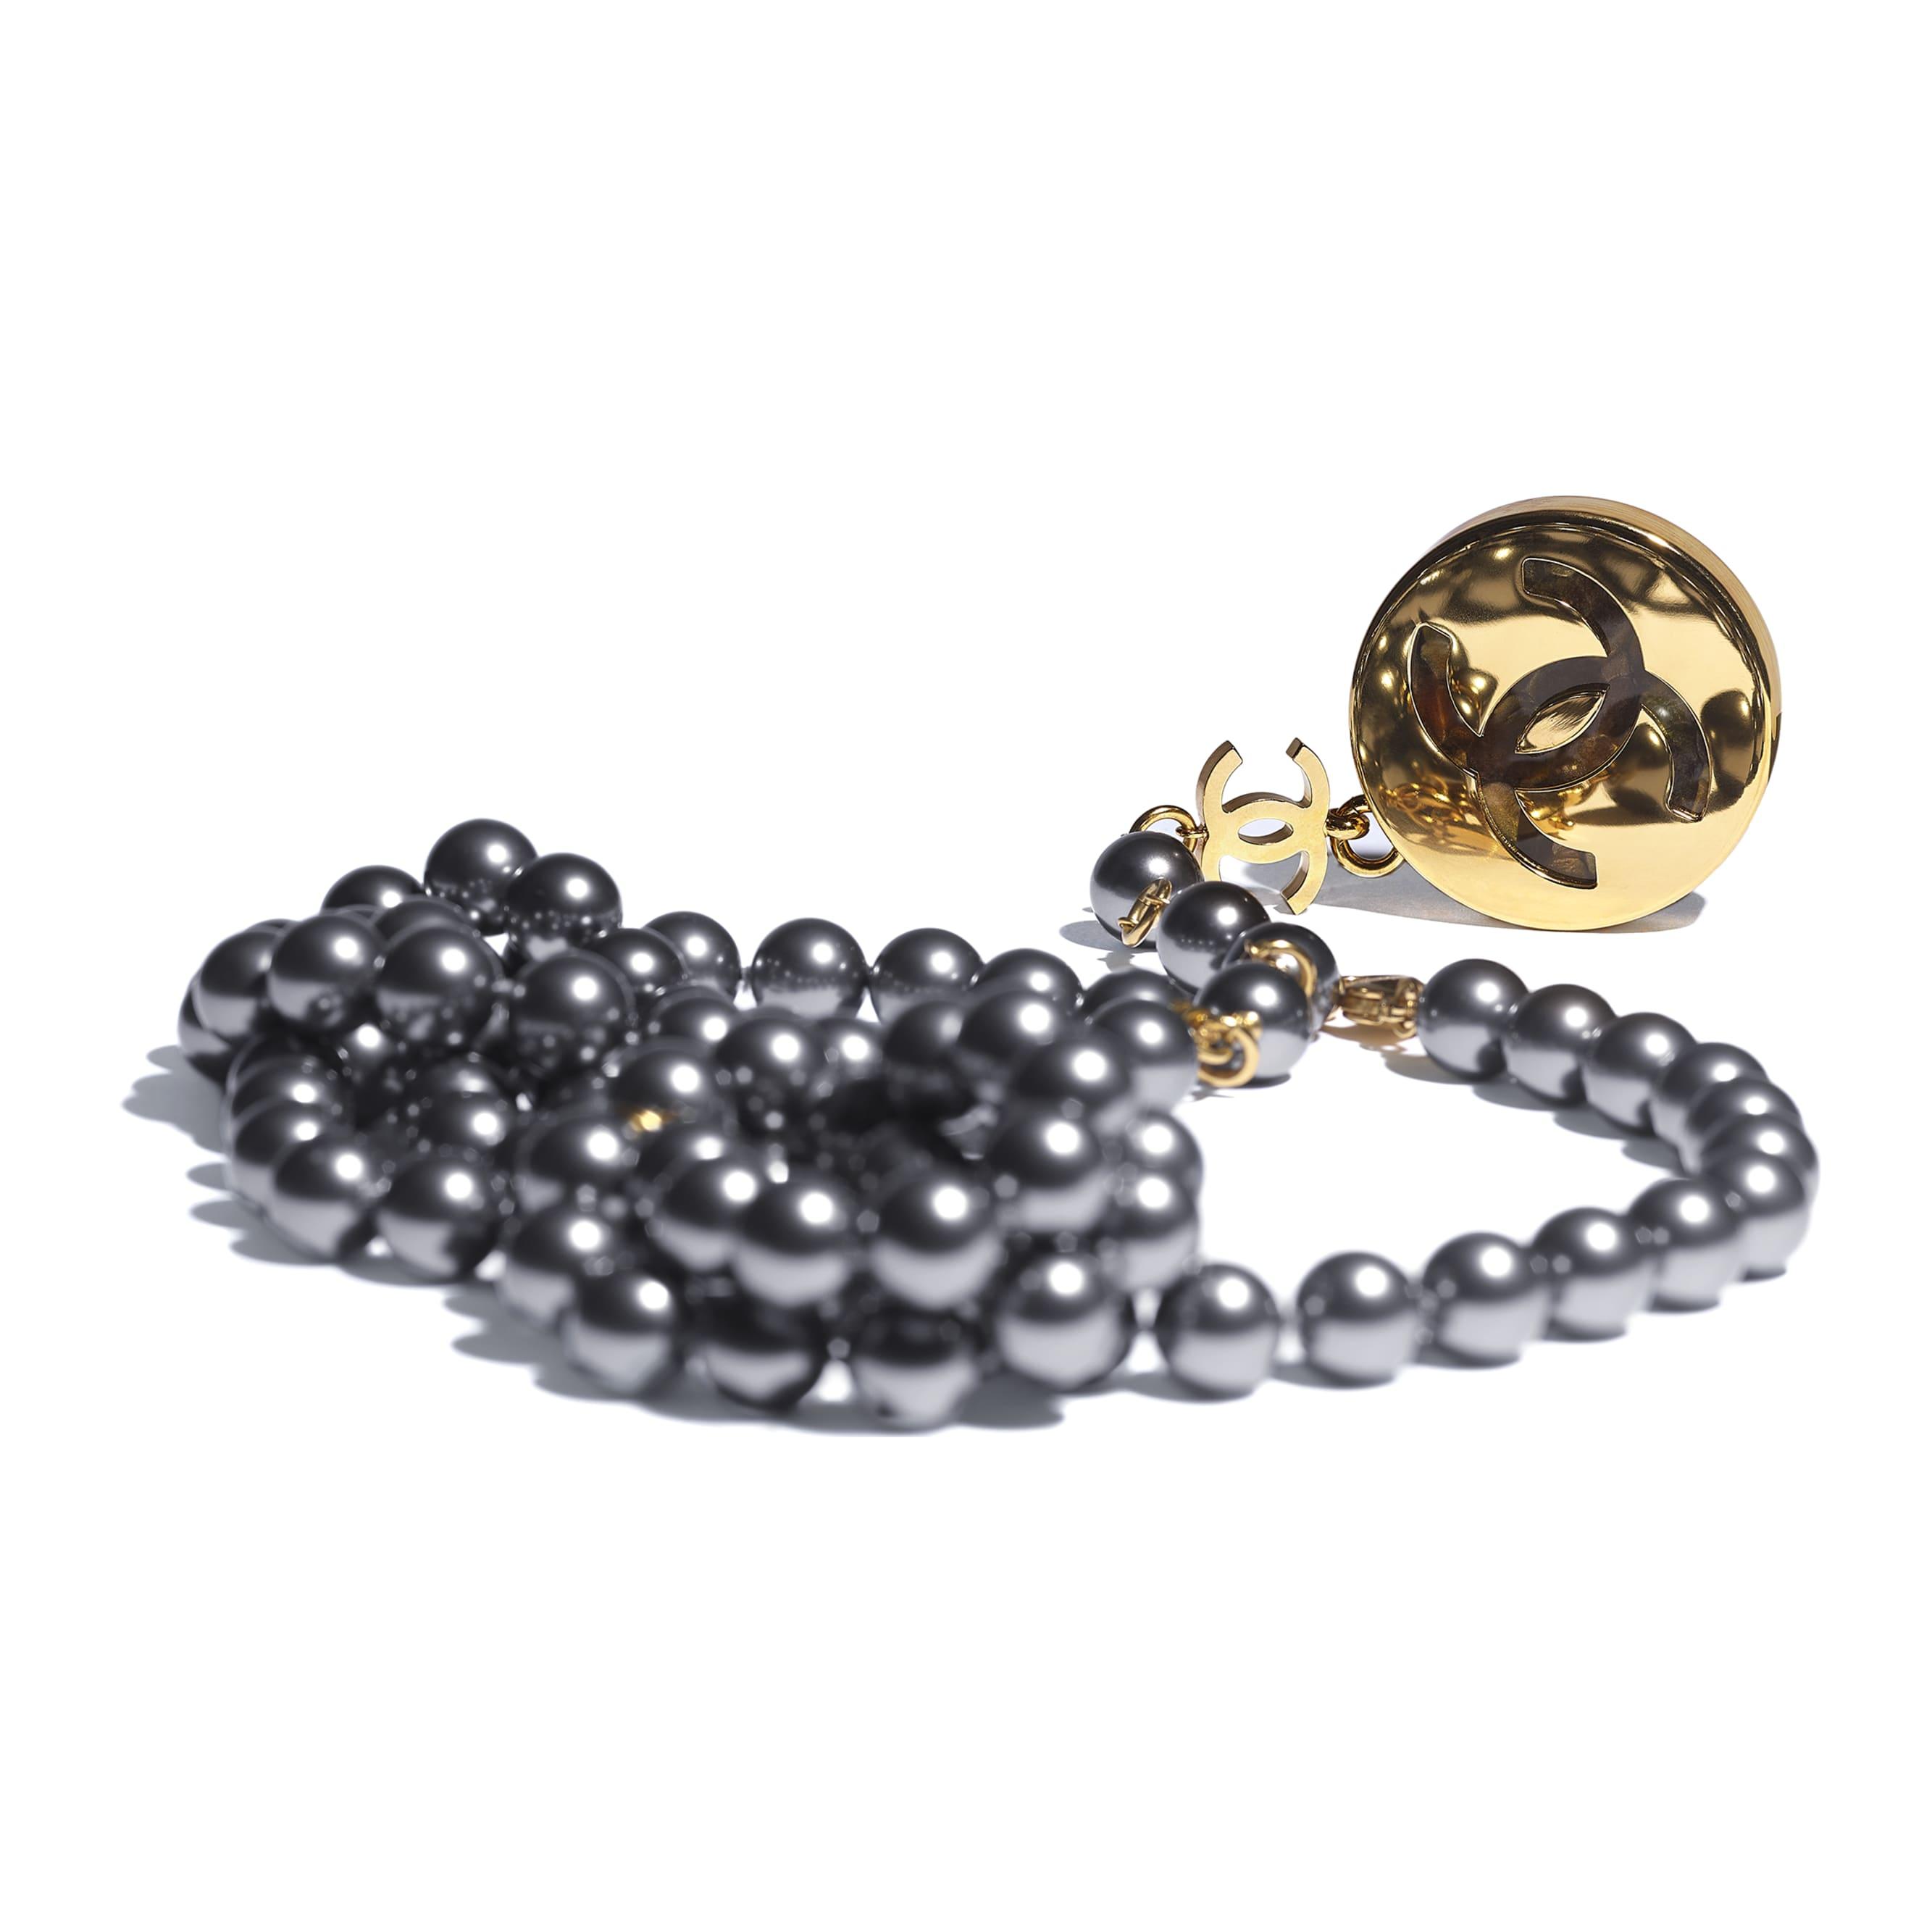 Cintura - Oro, grigio & verde - Metallo, perle in pasta di vetro & resina - CHANEL - Immagine diversa - vedere versione standard